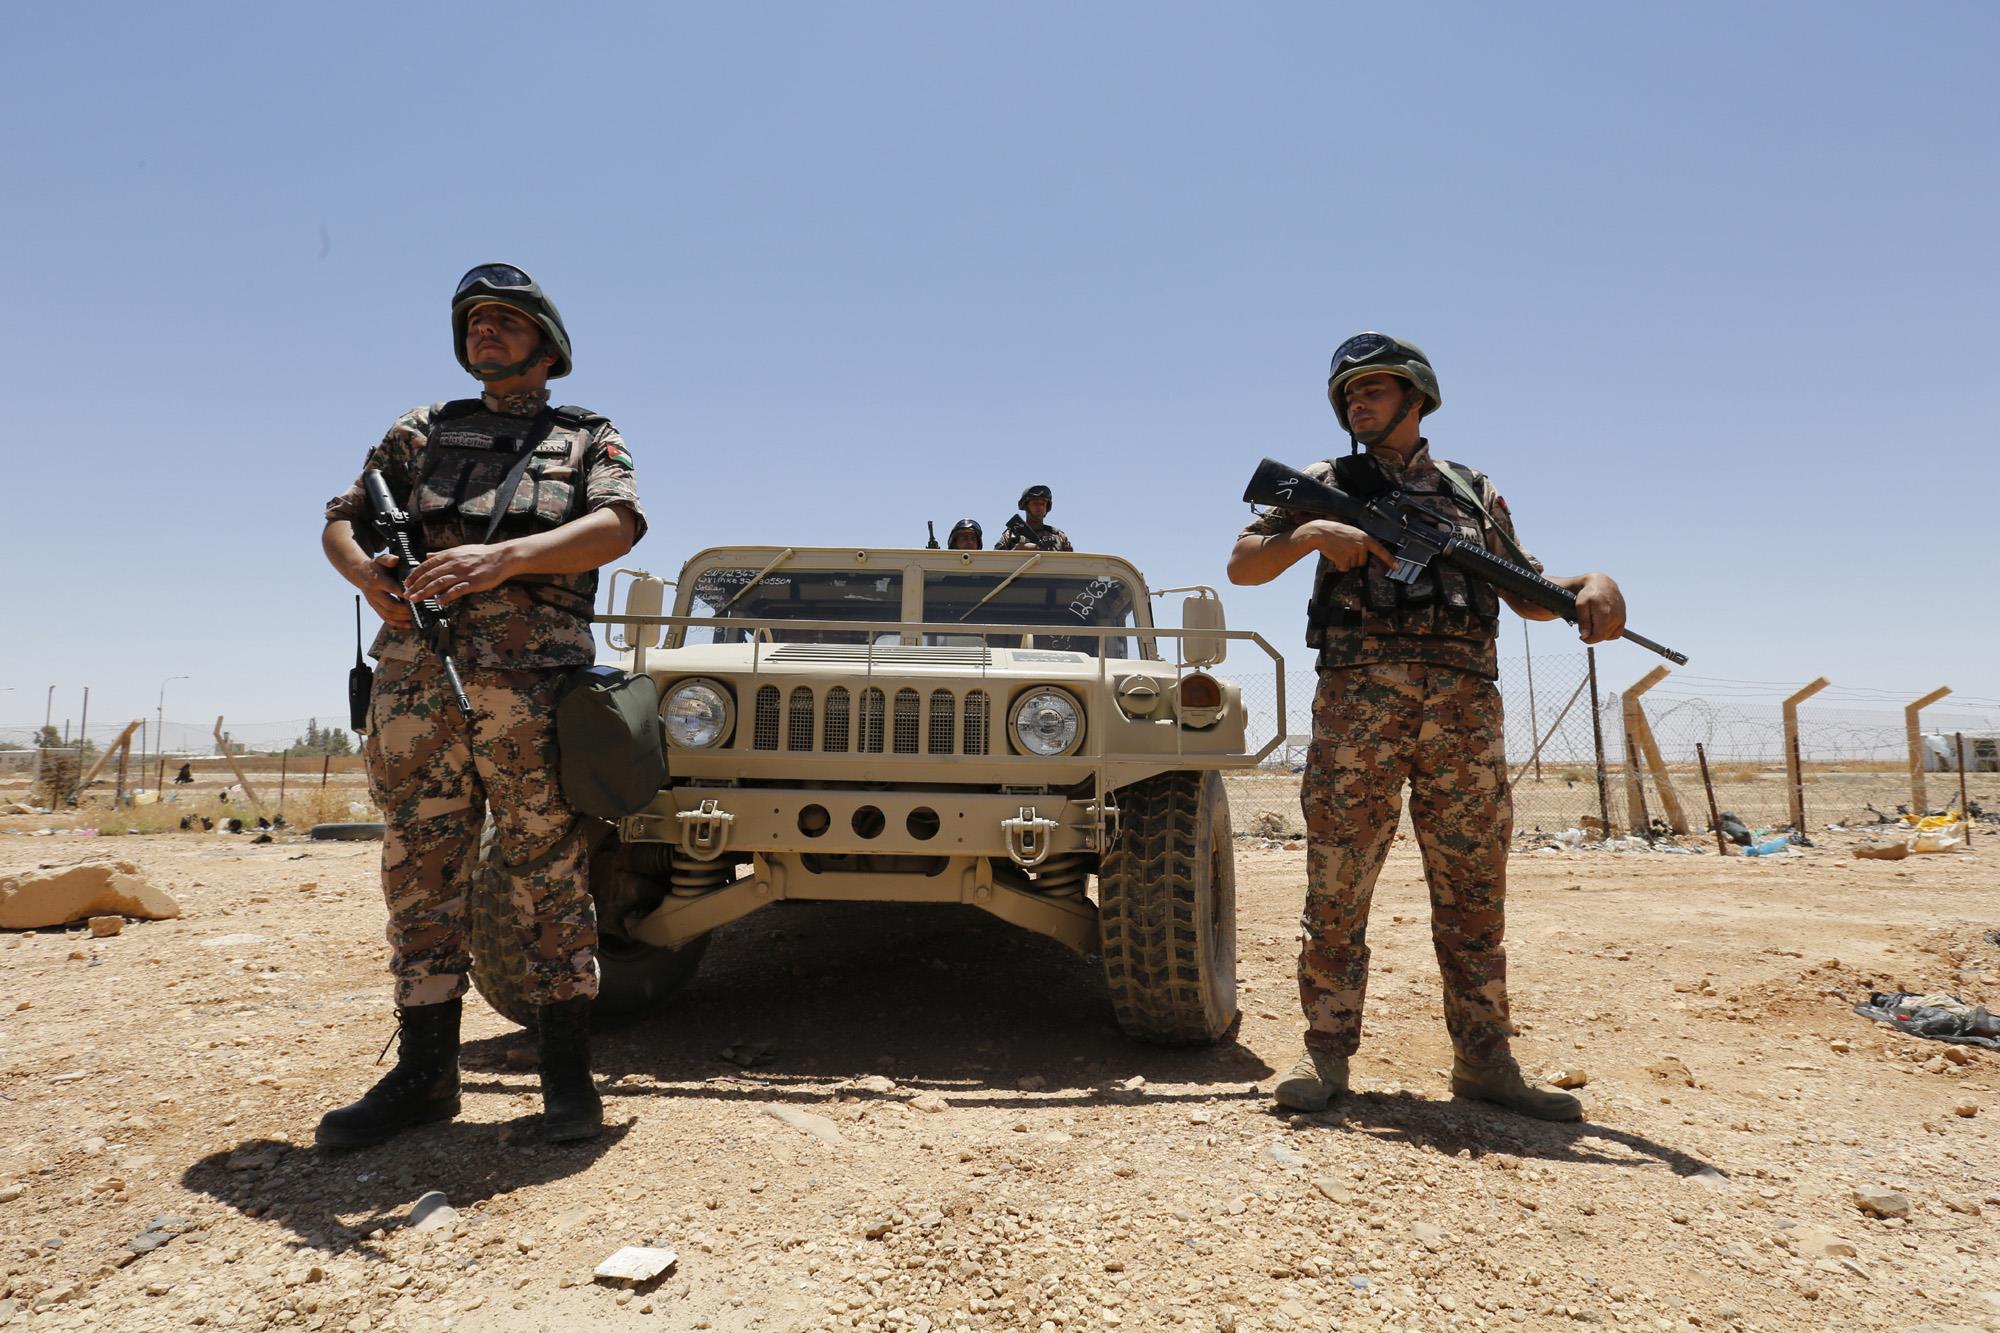 ا ف ب: مقتل ثلاثة عسكريين اميركيين جنوب الاردن